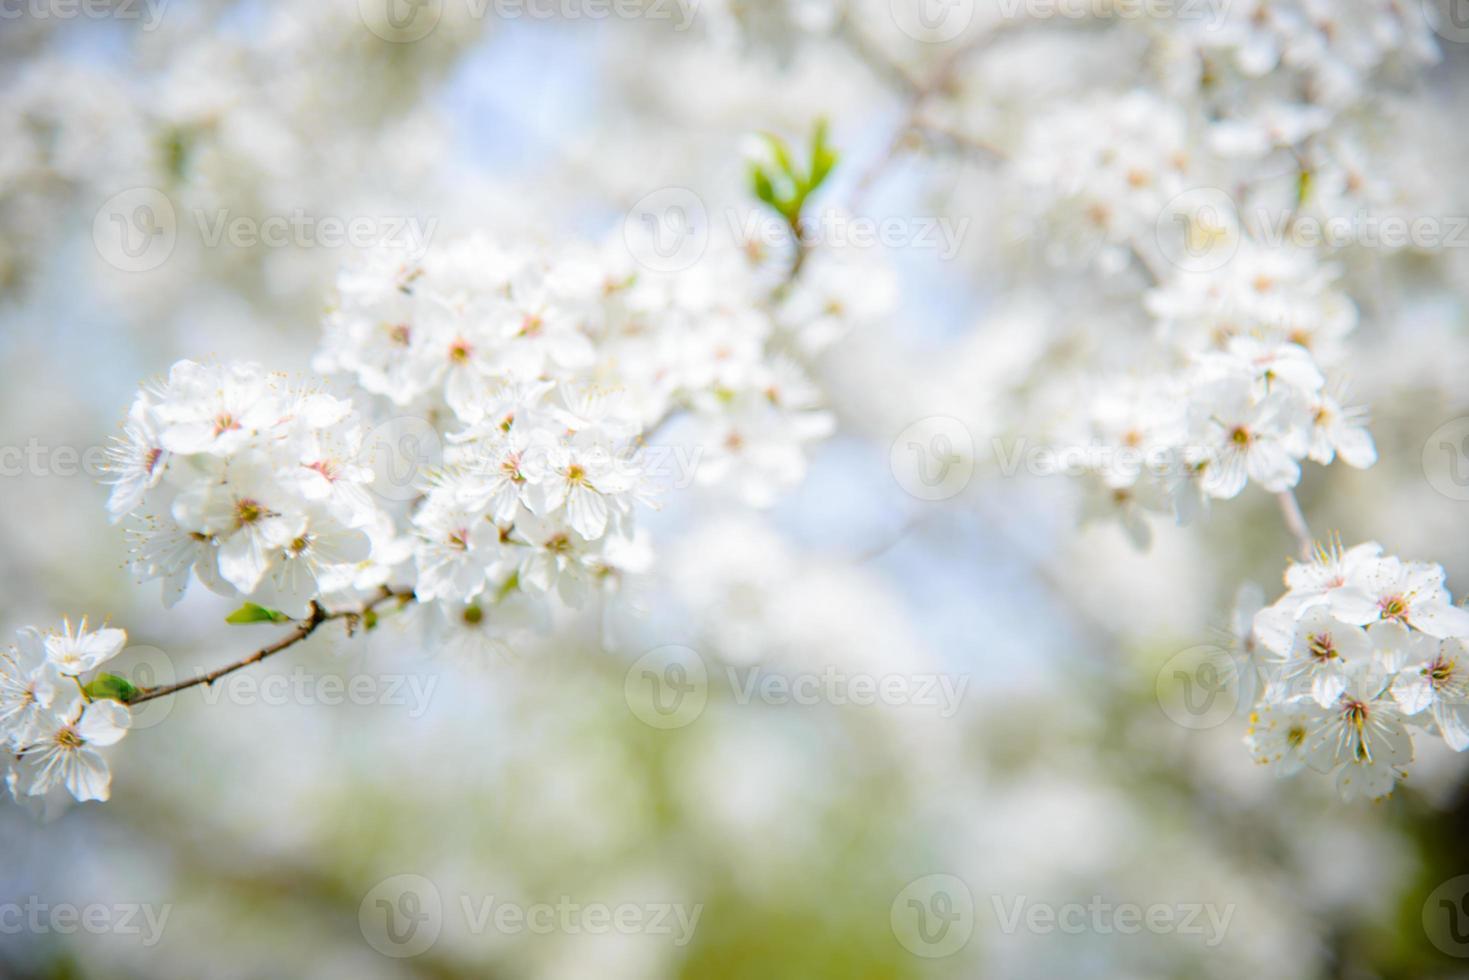 pruimenbloesem in het voorjaar foto